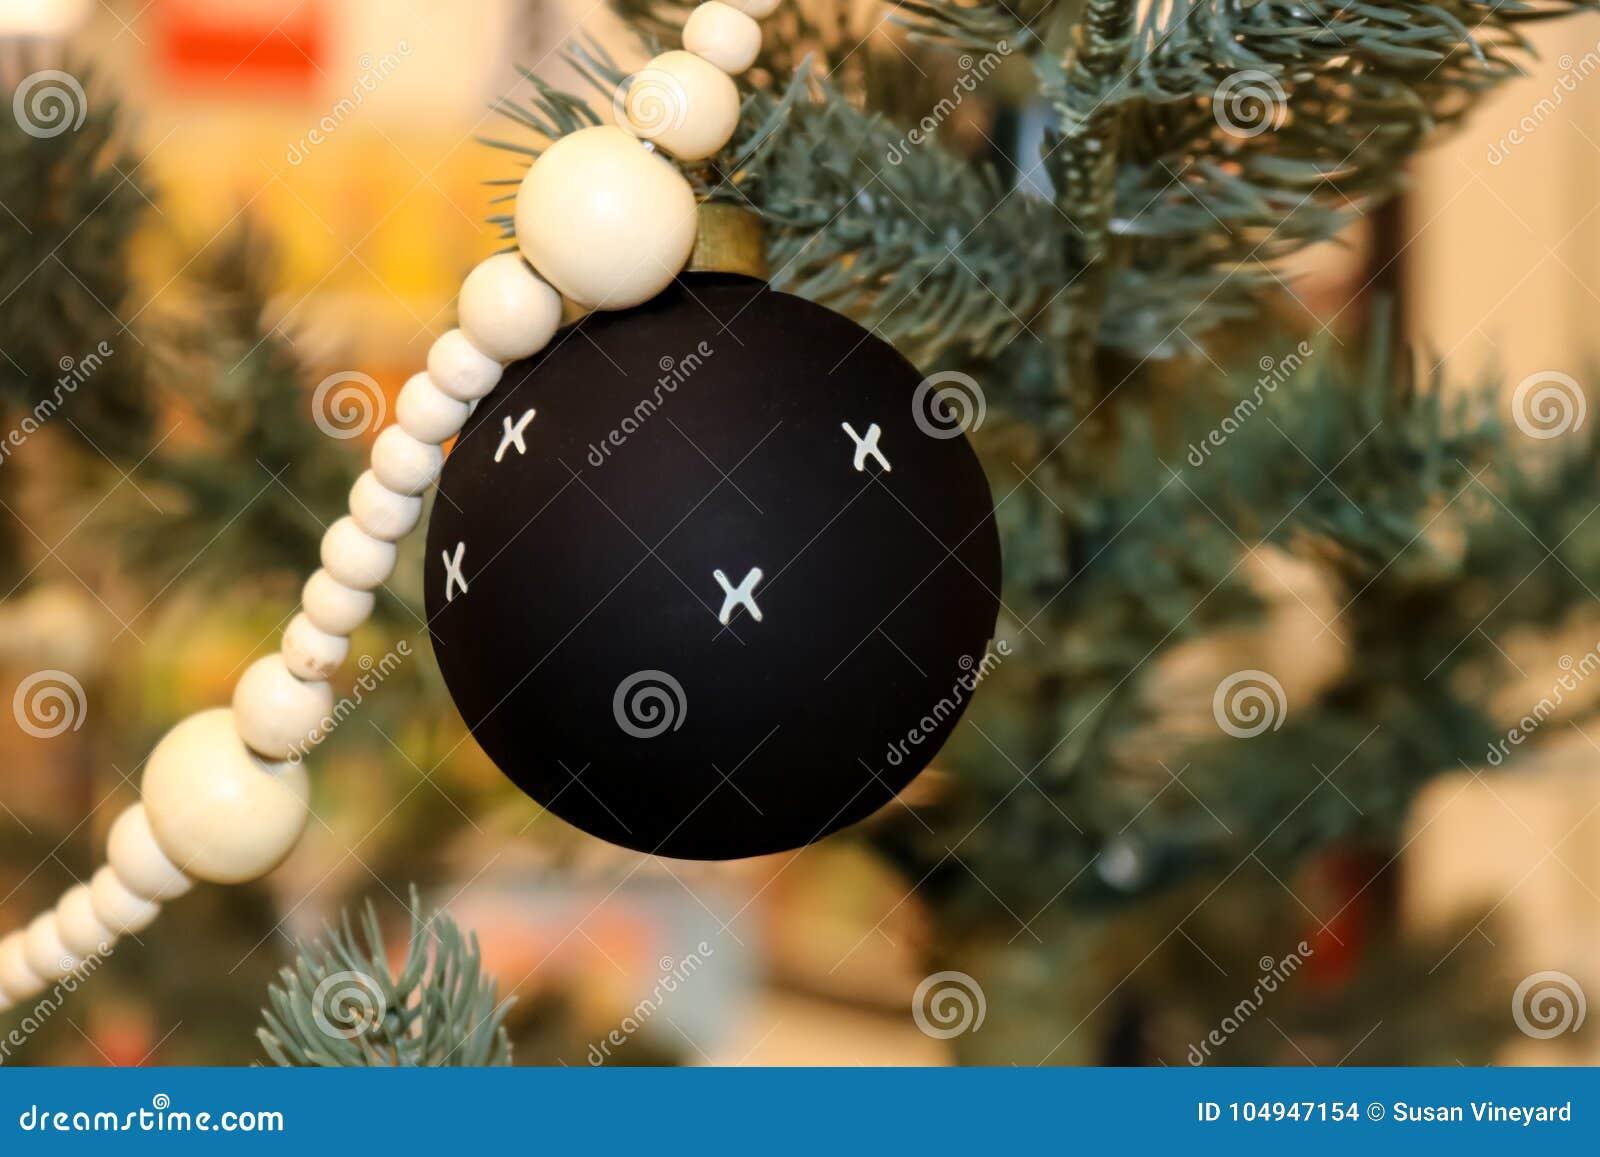 Zwarte Kerstmisbal met witte Xs met andere ornamenten